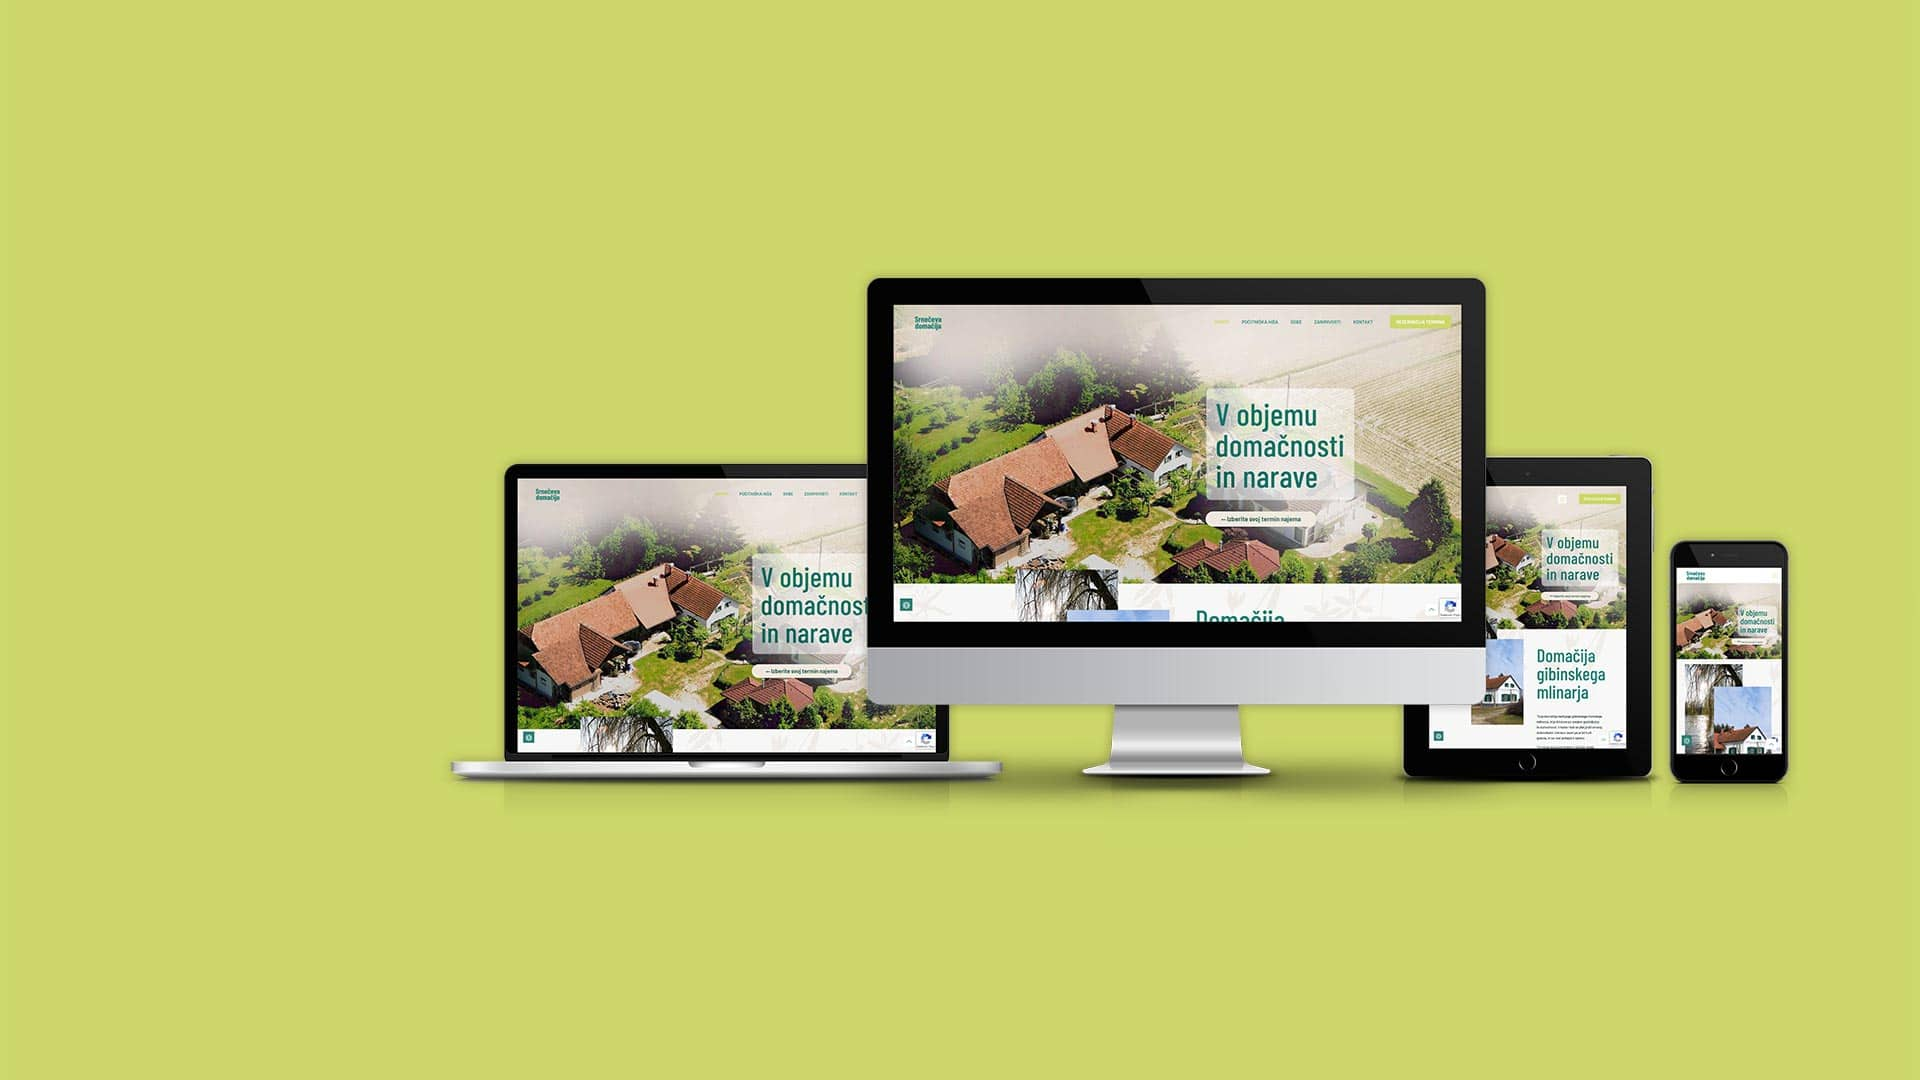 Oblikovanje spletnih strani v odzivnem dizajnu